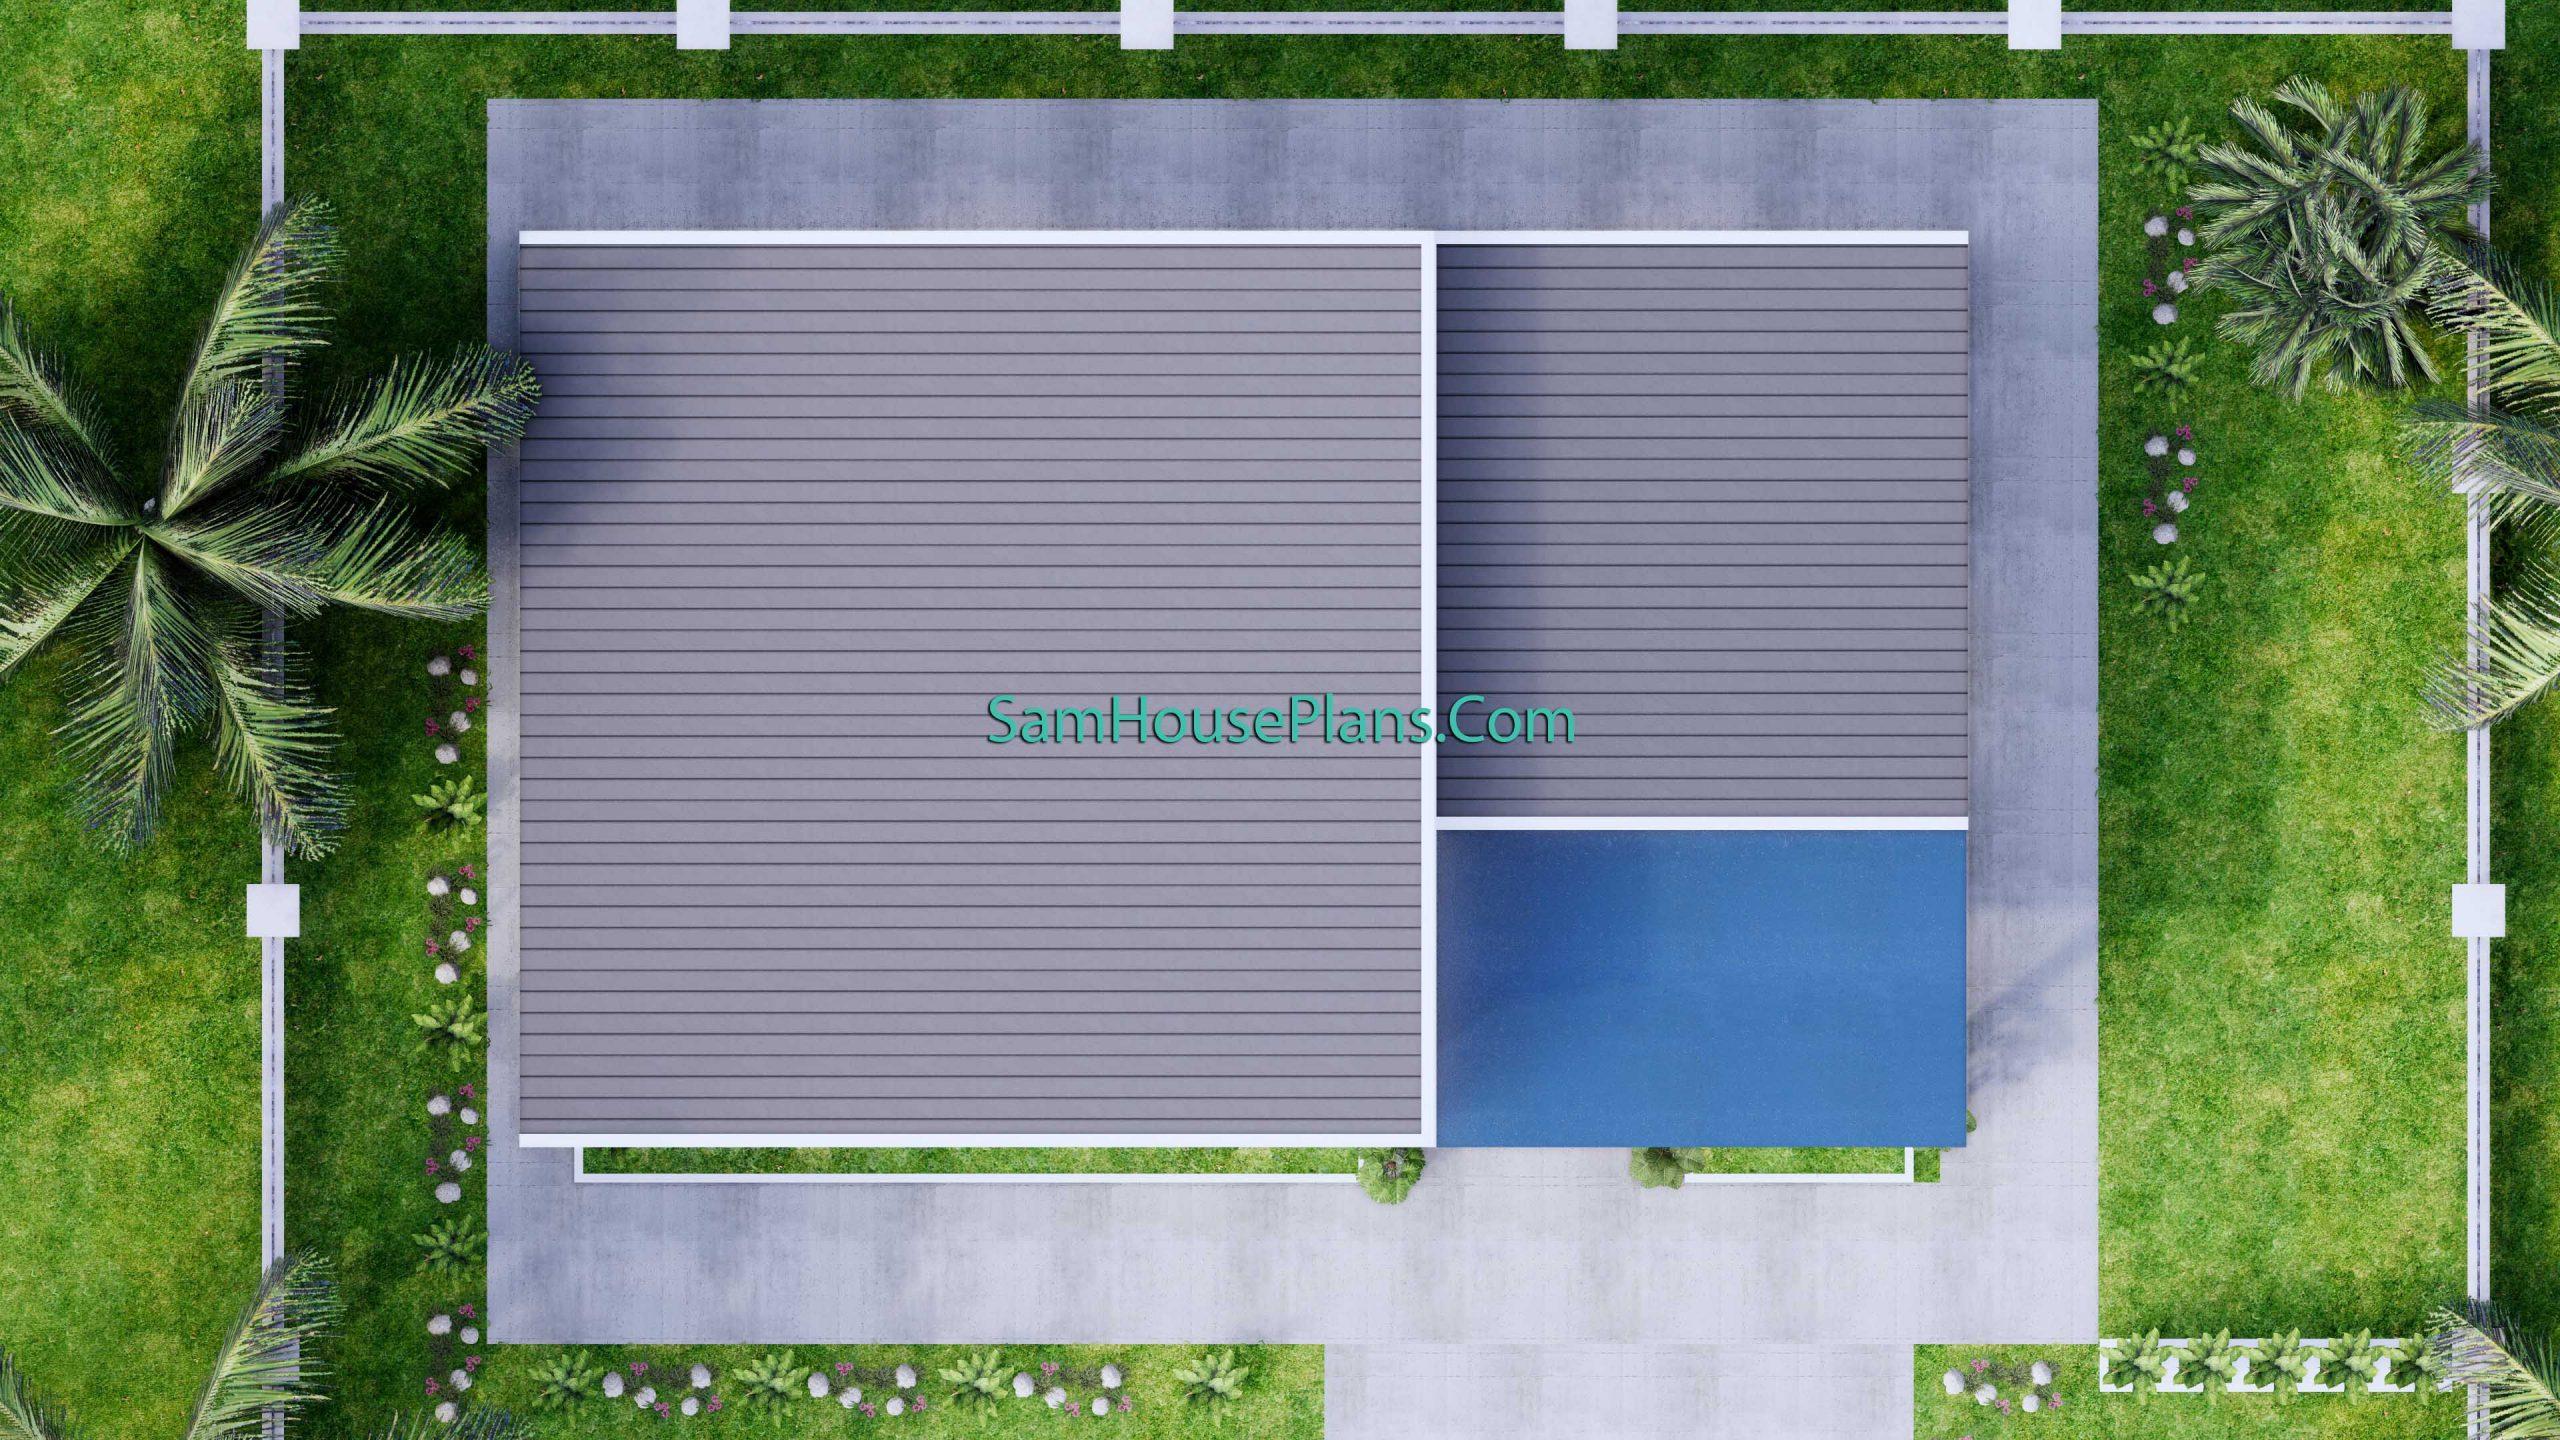 Top roof Modern House Plan 15x9 M 49x30 Feet 3 Beds PDF Plan